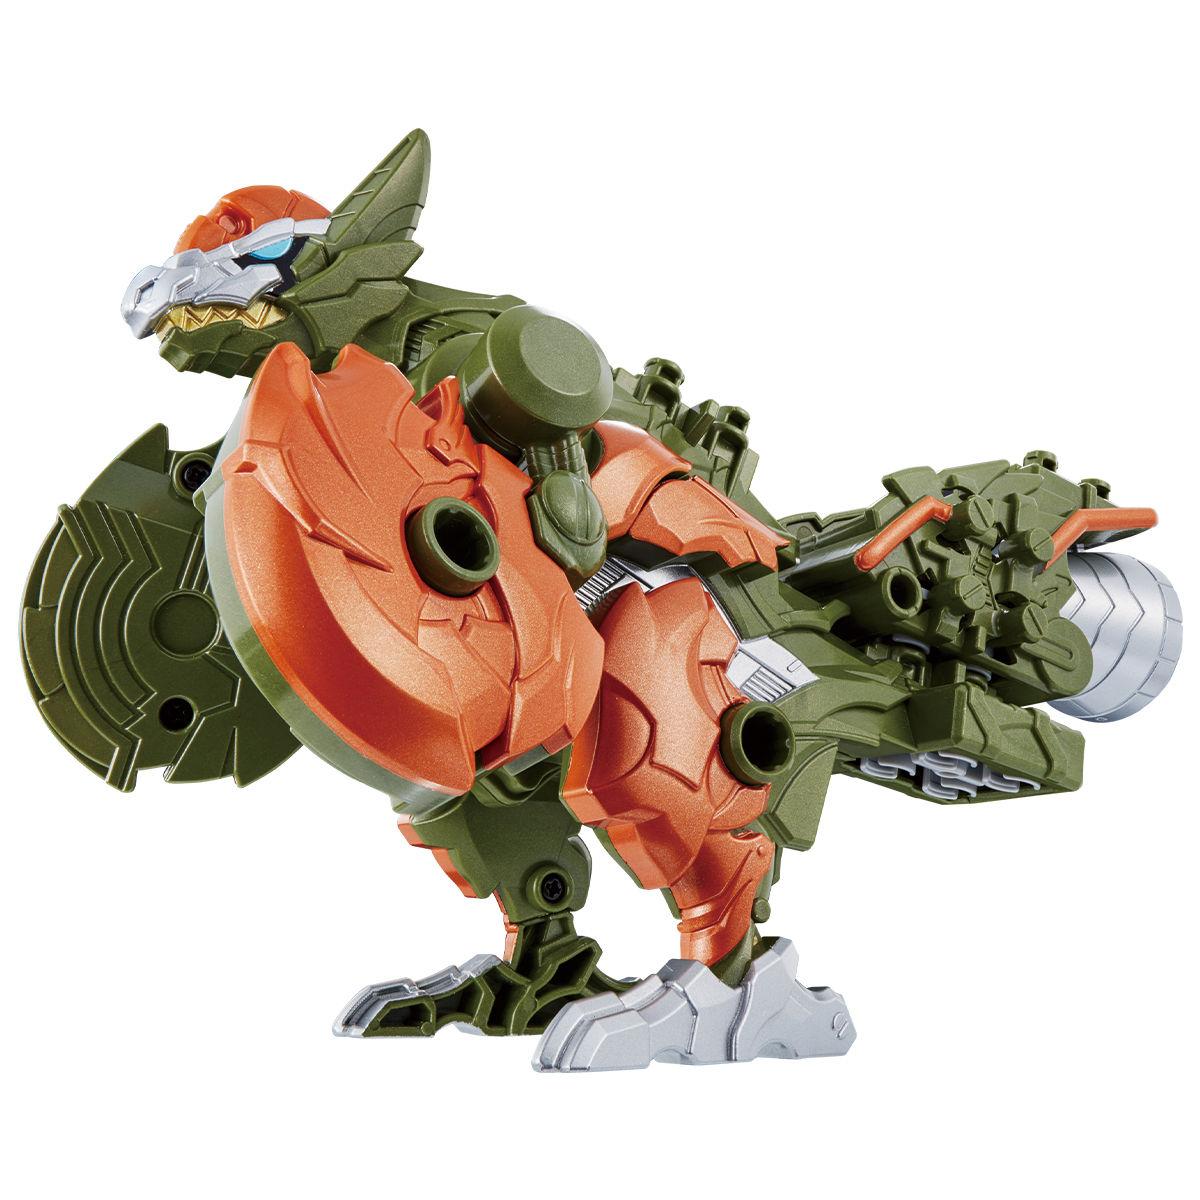 騎士竜戦隊リュウソウジャー『騎士竜シリーズ10 DXパキガルー』可変可動フィギュア-001